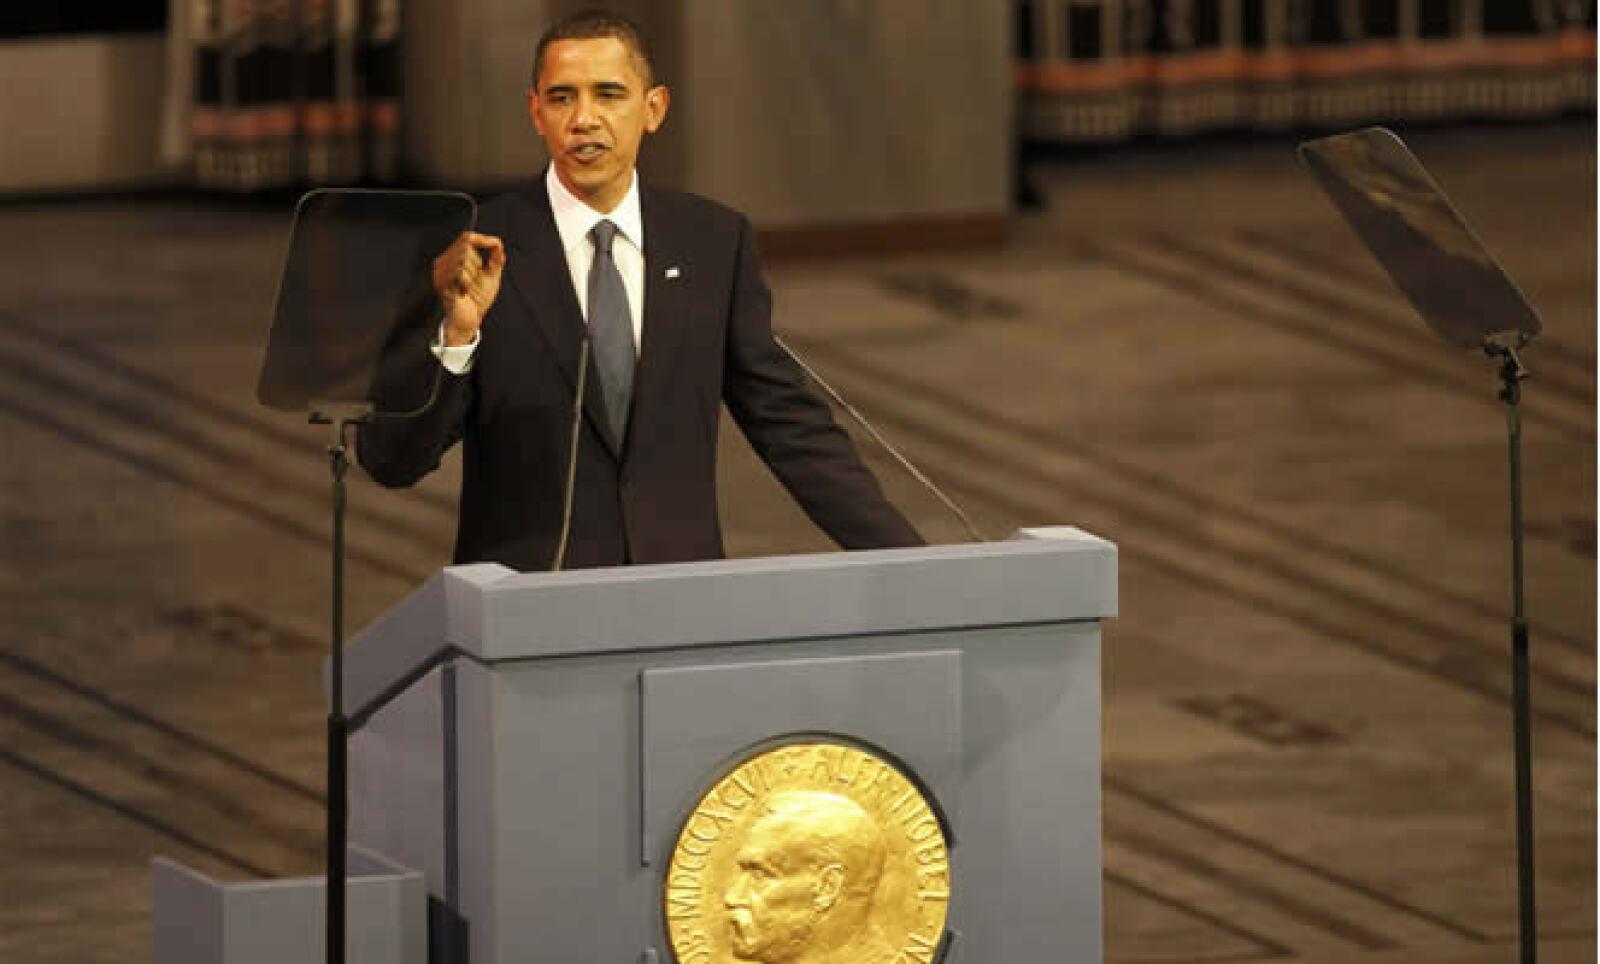 Obama recibió el jueves el Premio Nobel de la Paz; el eje principal de su discurso de aceptación fue la guerra, justificó sus causas y aseguró que tiene un valor moral dentro del panorama global actual.